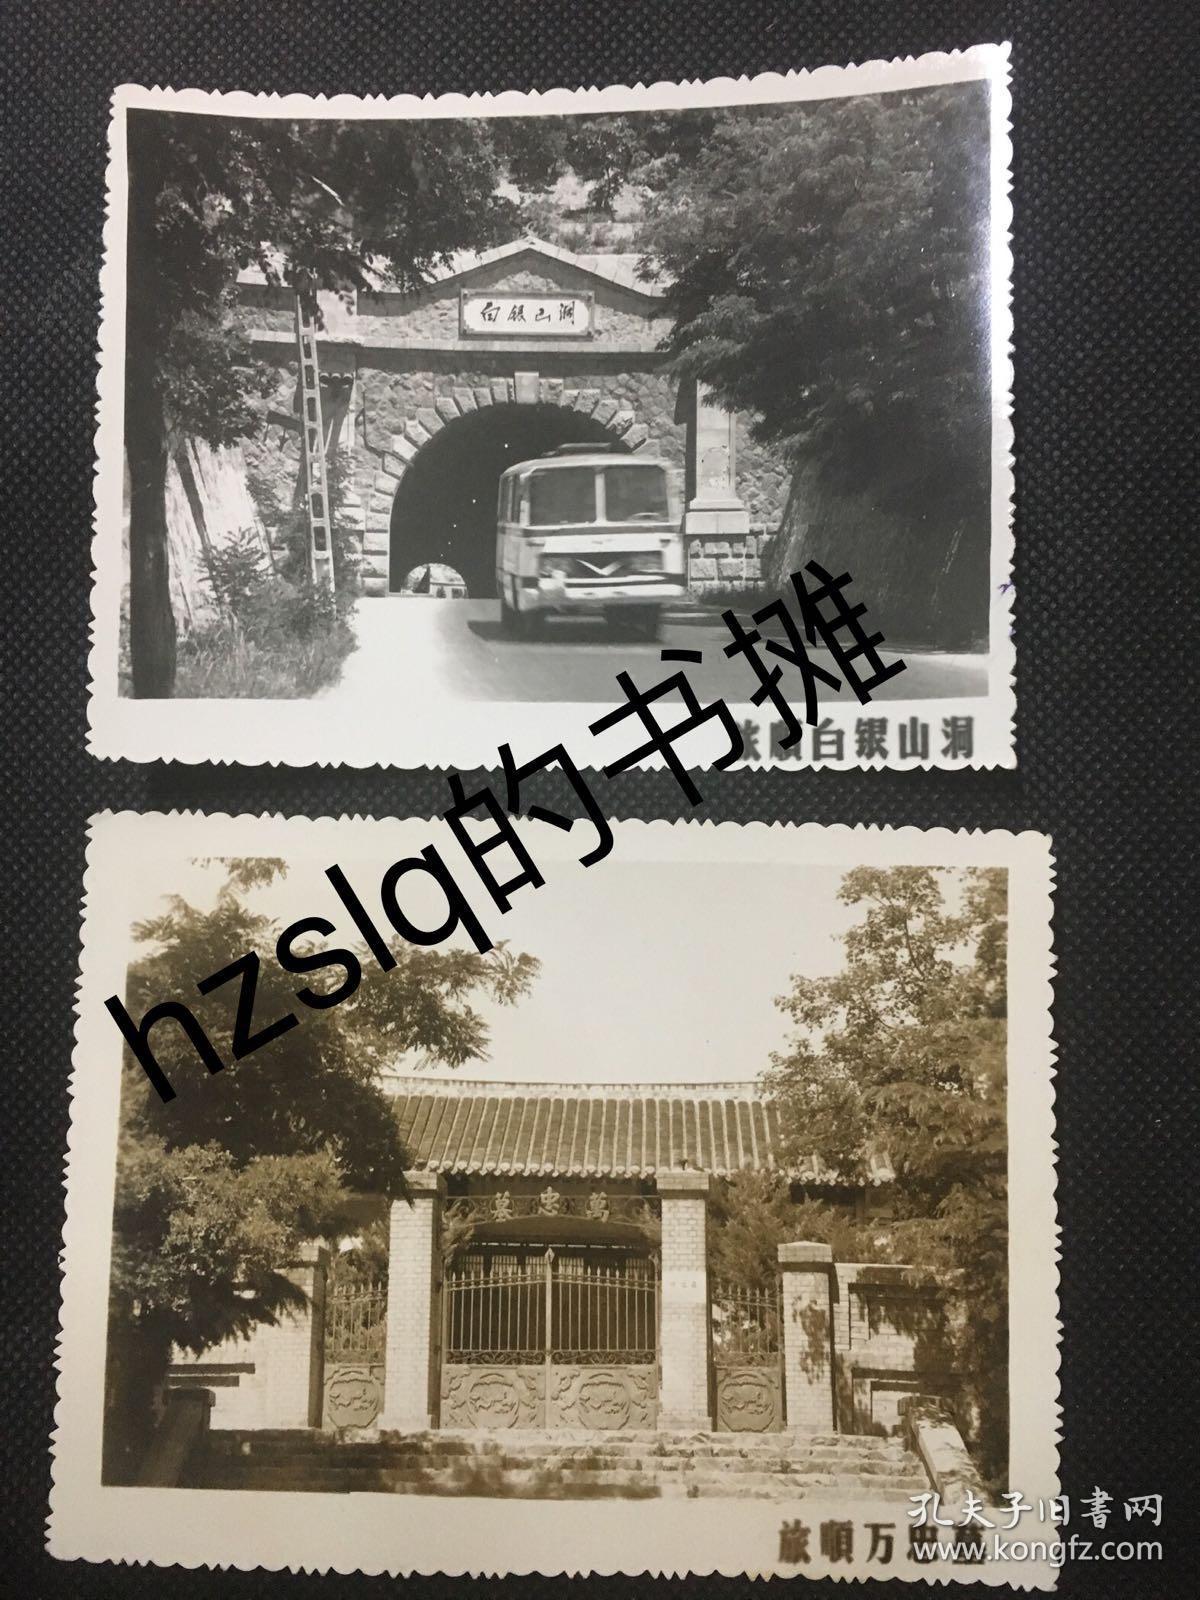 早期大连旅顺风光建筑照片2张合售、旅顺白银山洞+旅顺万忠墓,影像清晰、品质极佳(11x8.5cm)